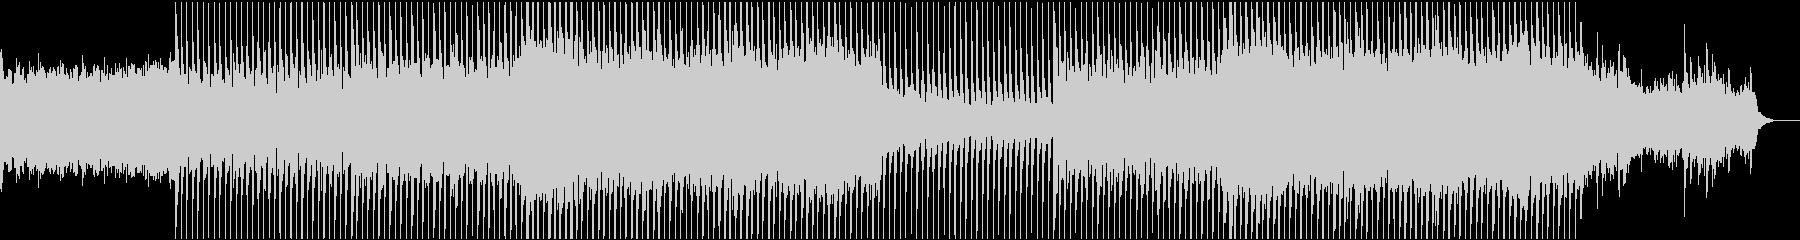 EDMクラブ系ダンスミュージック-28の未再生の波形